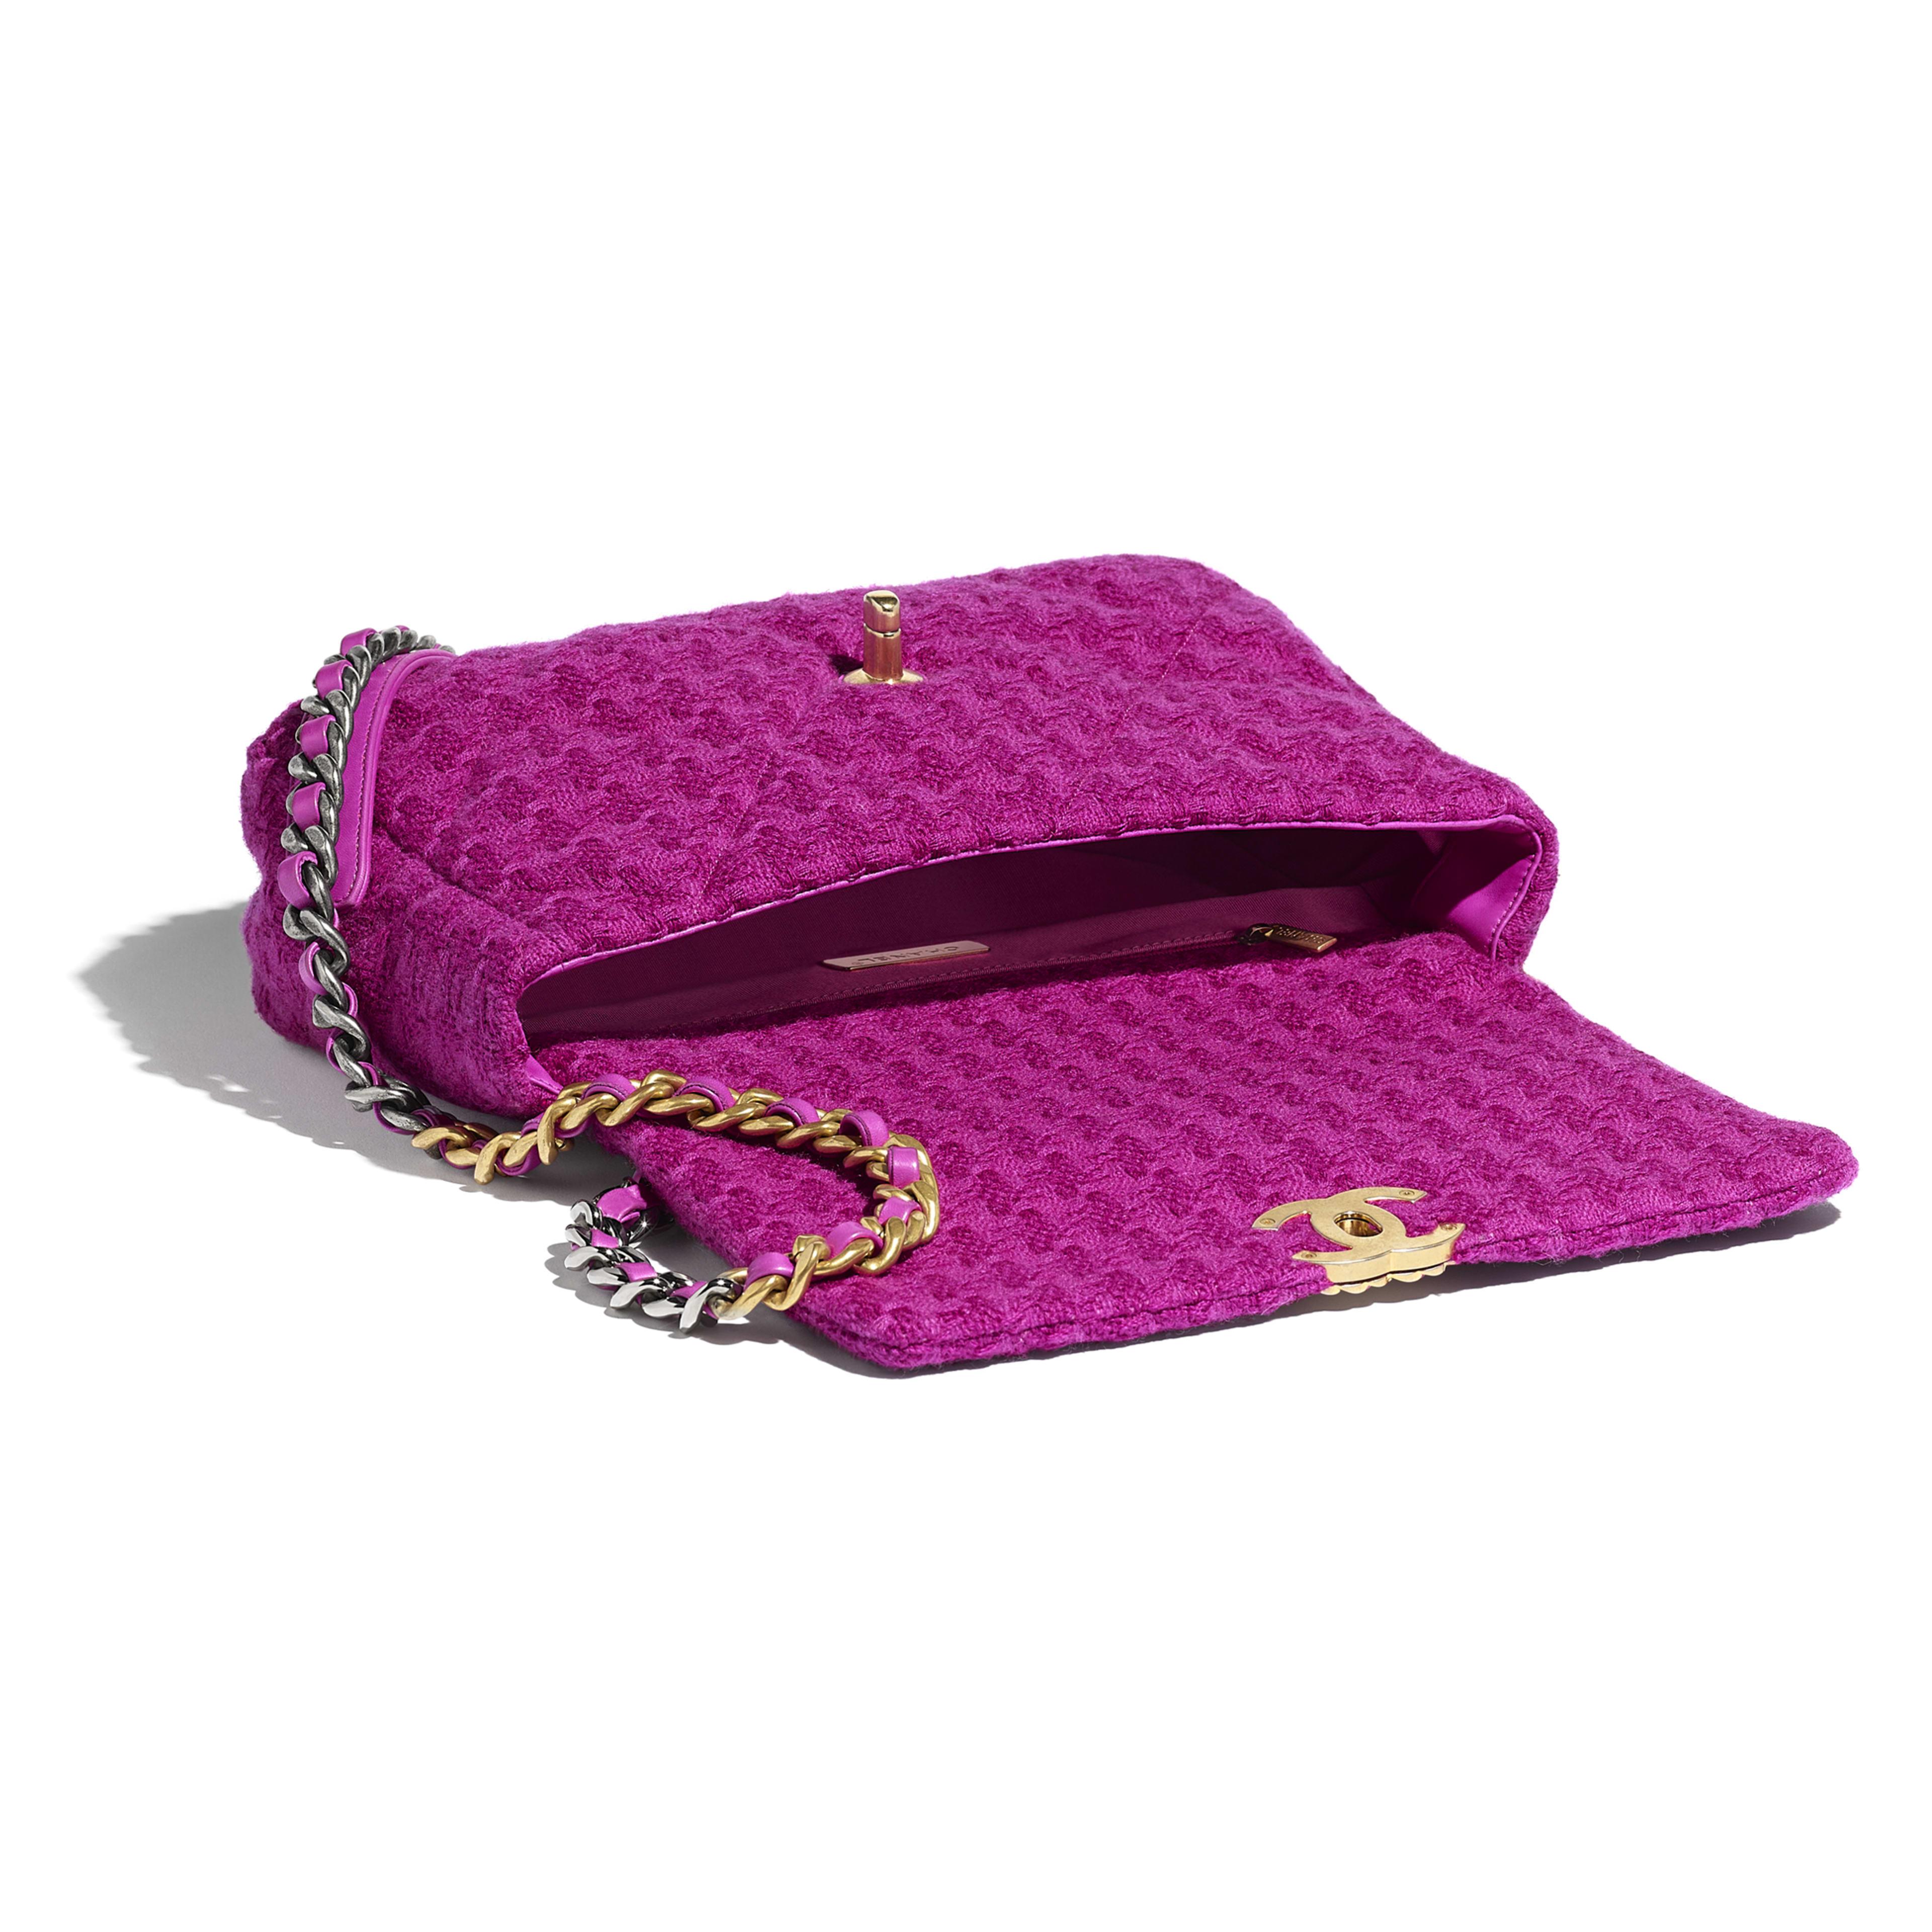 กระเป๋าสะพายใบใหญ่ CHANEL 19 - สีชมพูฟูเชีย - ผ้าทวีตขนสัตว์ โลหะสีทอง โลหะสีเงิน และโลหะเคลือบรูทีเนียม - มุมมองอื่น - ดูเวอร์ชันขนาดเต็ม